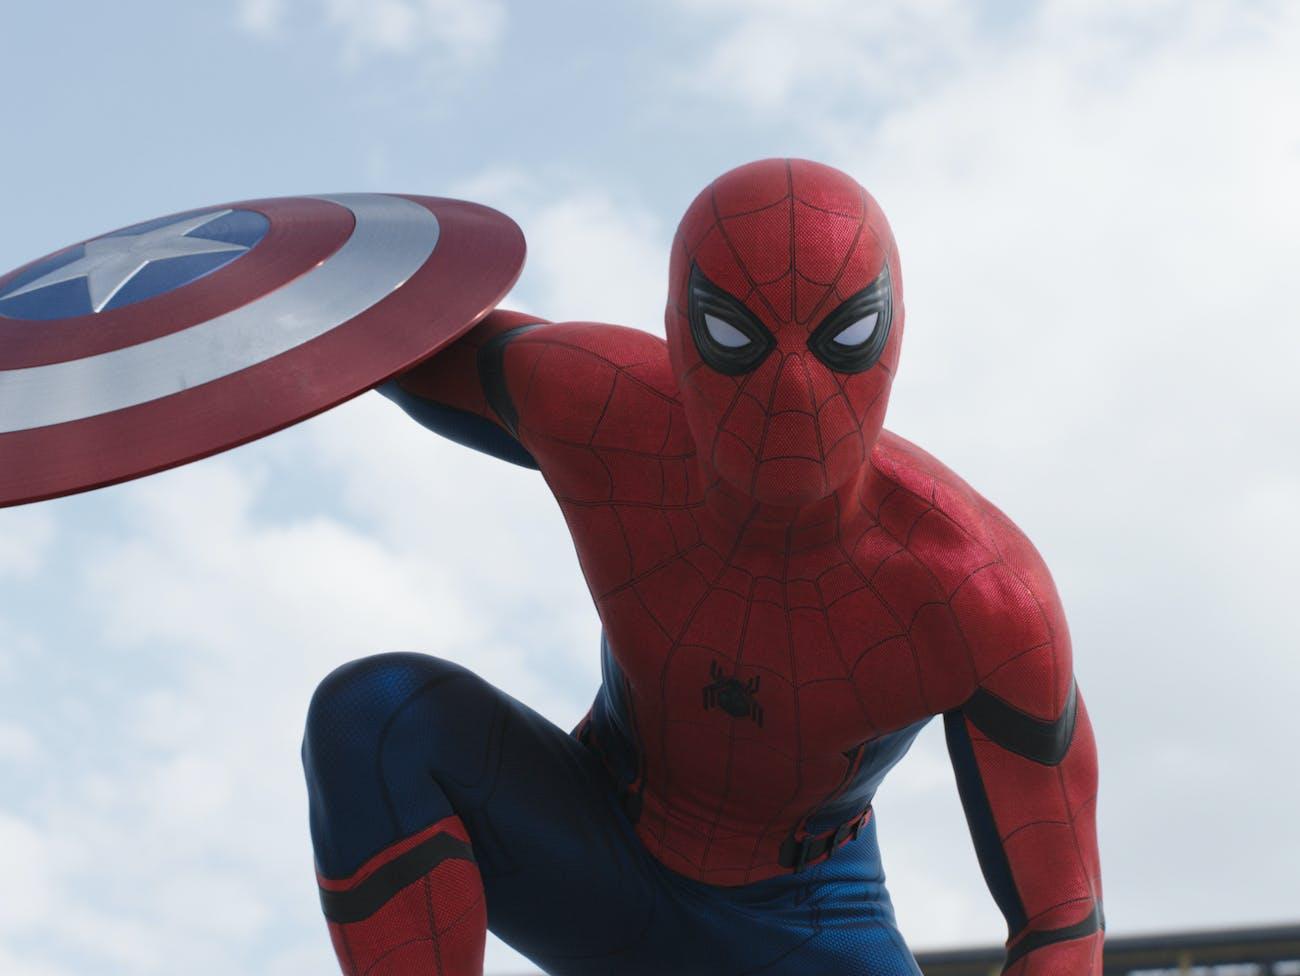 Avengers: Endgame' Spider-Man: For Peter Parker, Tony Stark Was